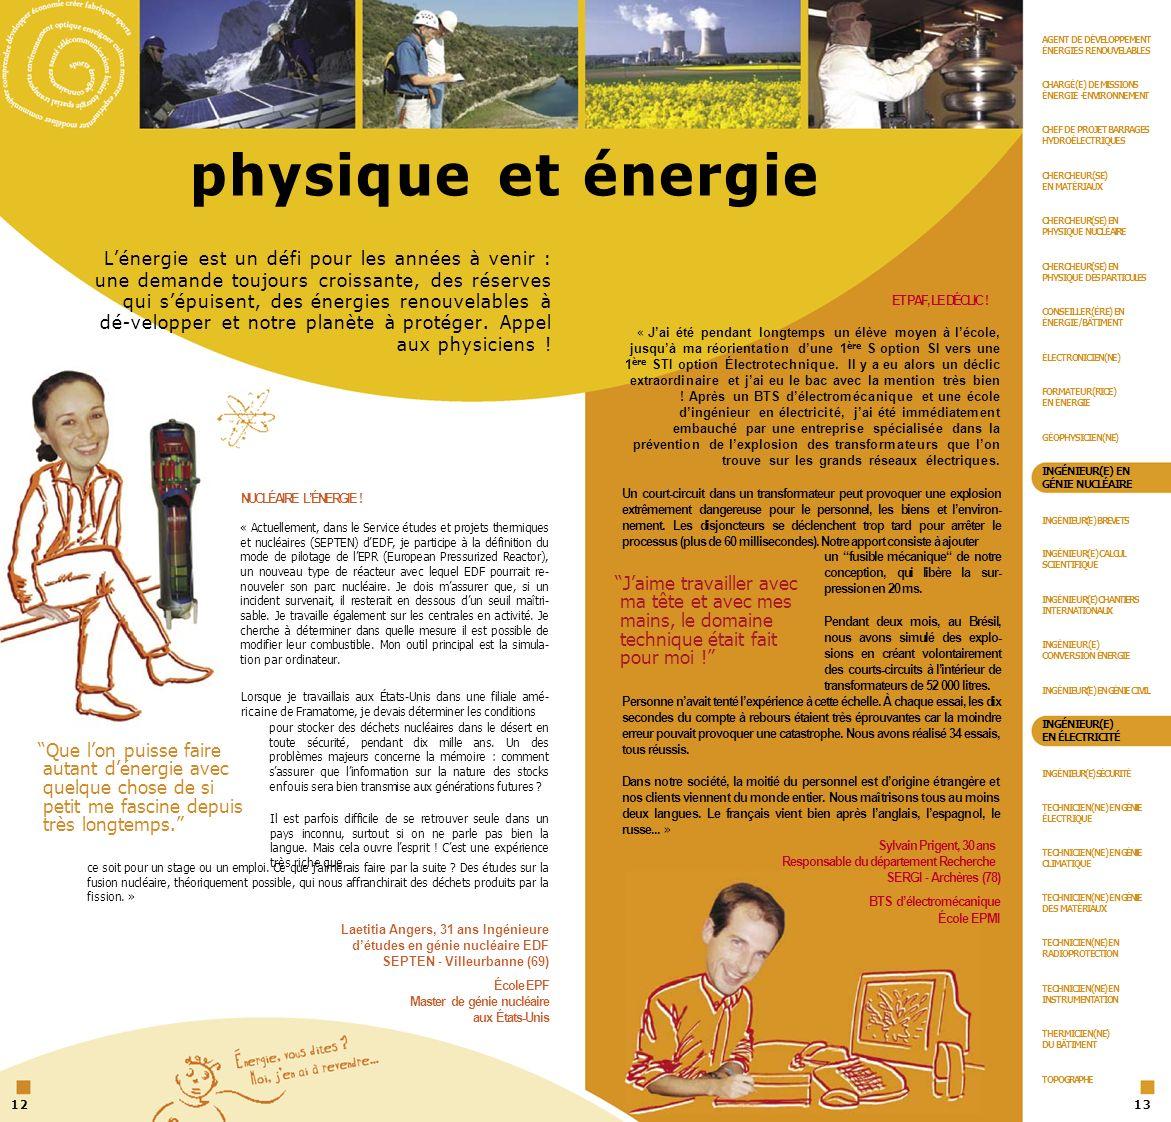 AGENT DE DÉVELOPPEMENT ÉNERGIES RENOUVELABLES CHARGÉ(E) DE MISSIONS ÉNERGIE -ENVIRONNEMENT CHEF DE PROJET BARRAGES HYDROÉLECTRIQUES physique et énergi